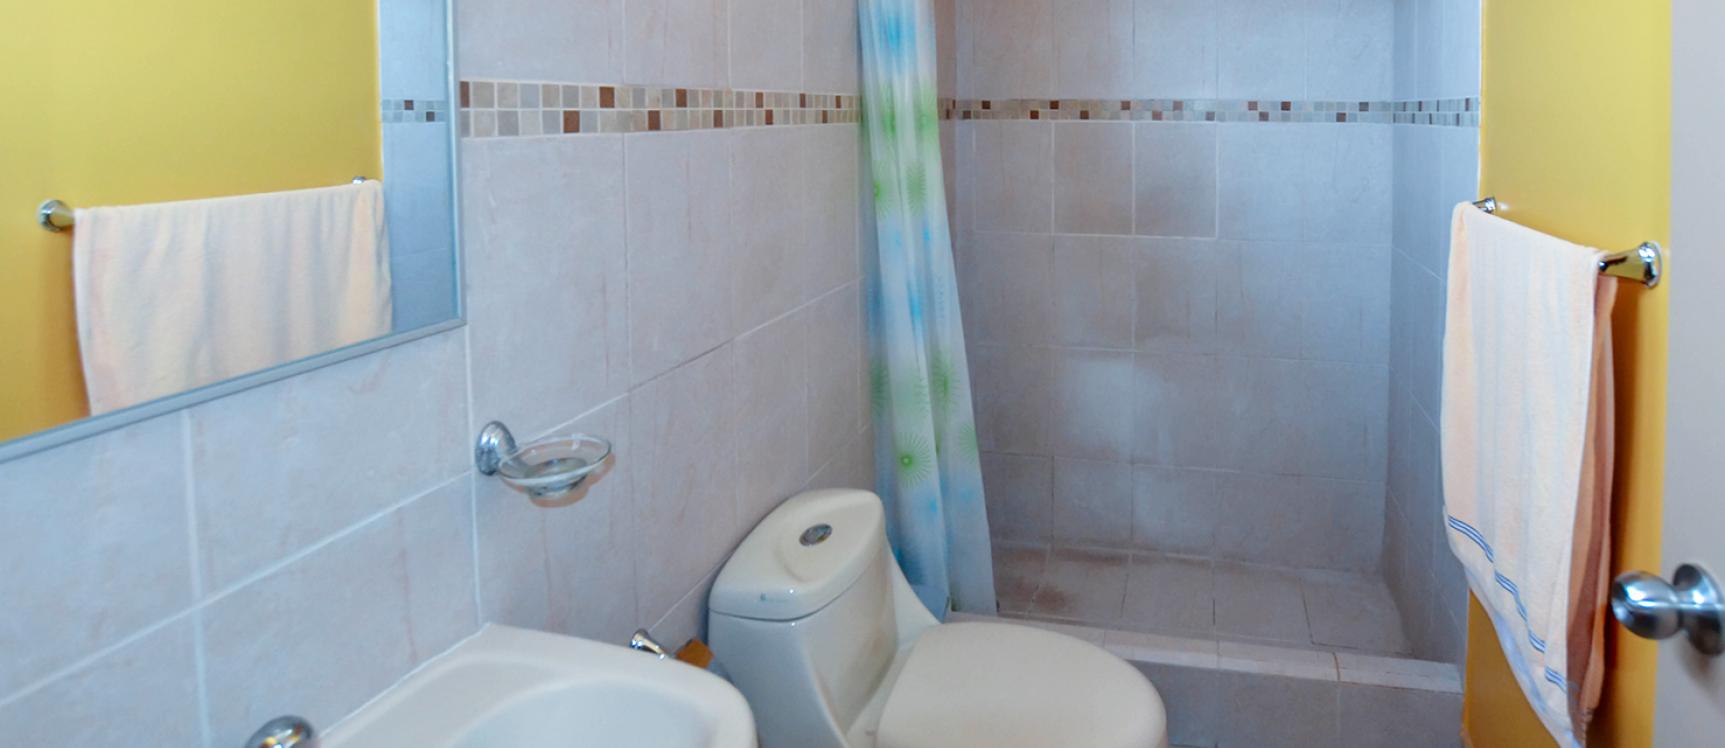 GeoBienes - Casa en venta en Urbanización Milán sector Vía Salitre - Samborondón - Plusvalia Guayaquil Casas de venta y alquiler Inmobiliaria Ecuador